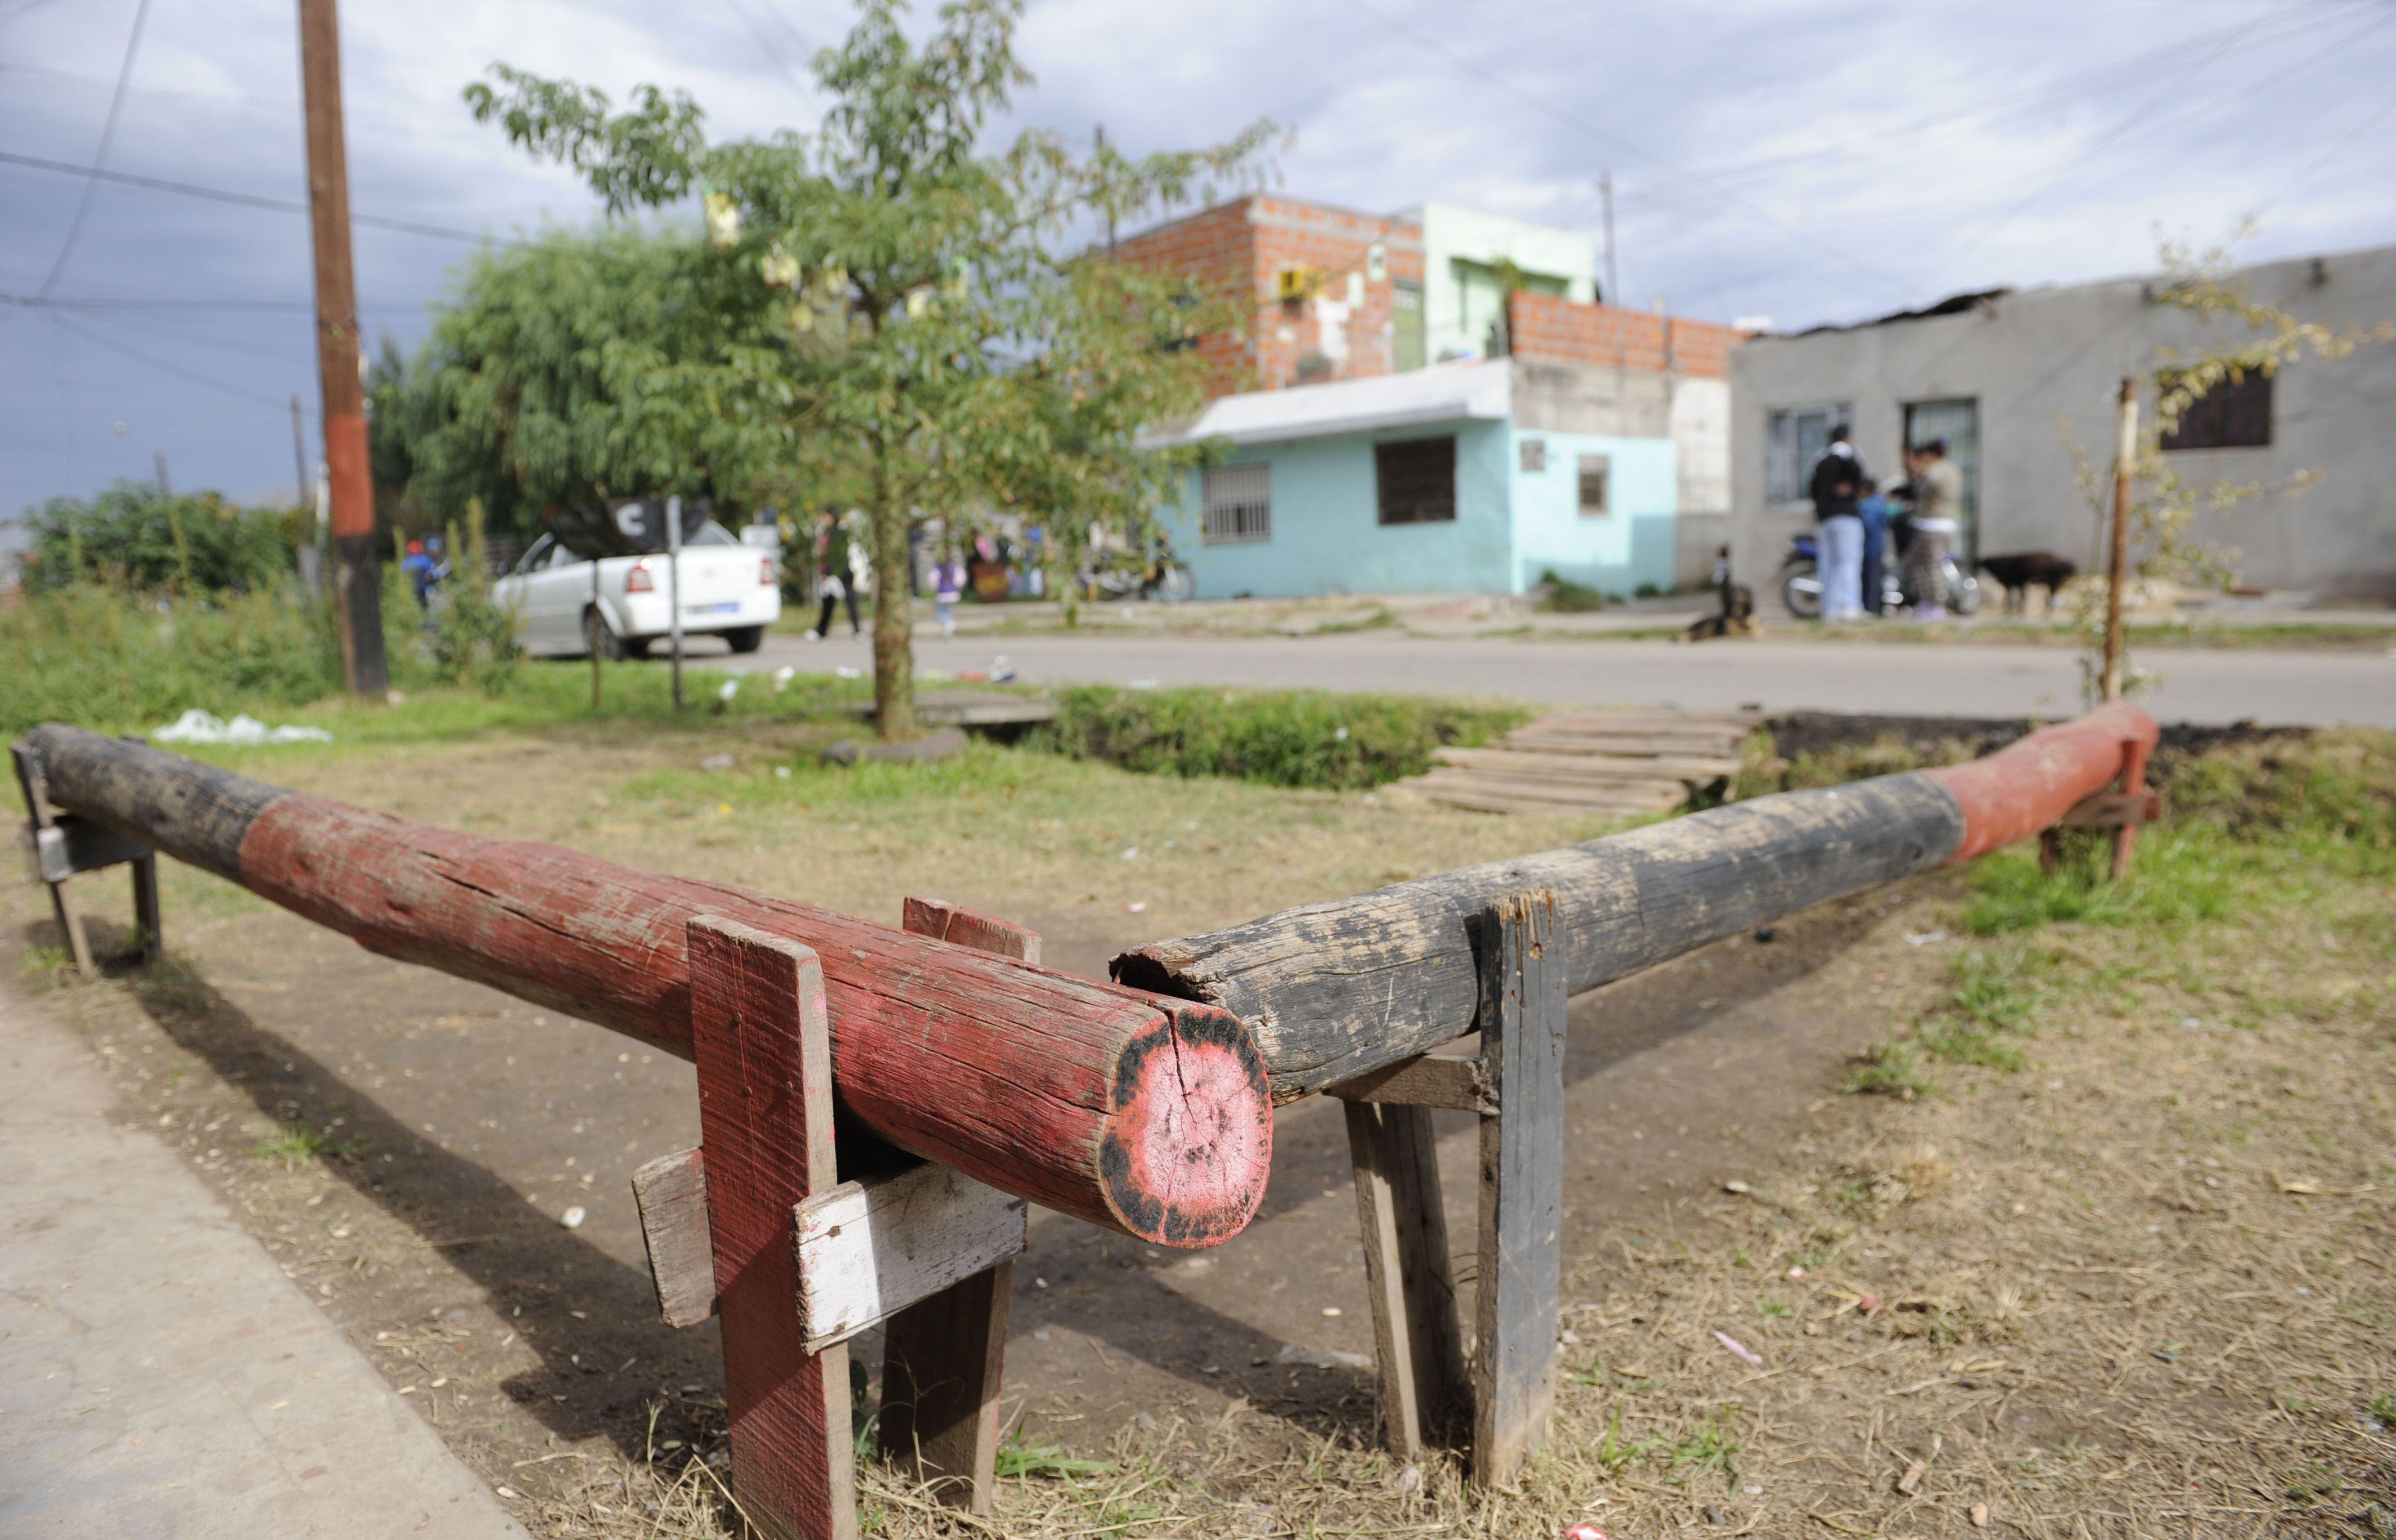 El pibe de 16 años que murió hoy en el Heca fue baleado en una esquina del sudoeste rosarino. (Foto: H.Rio)